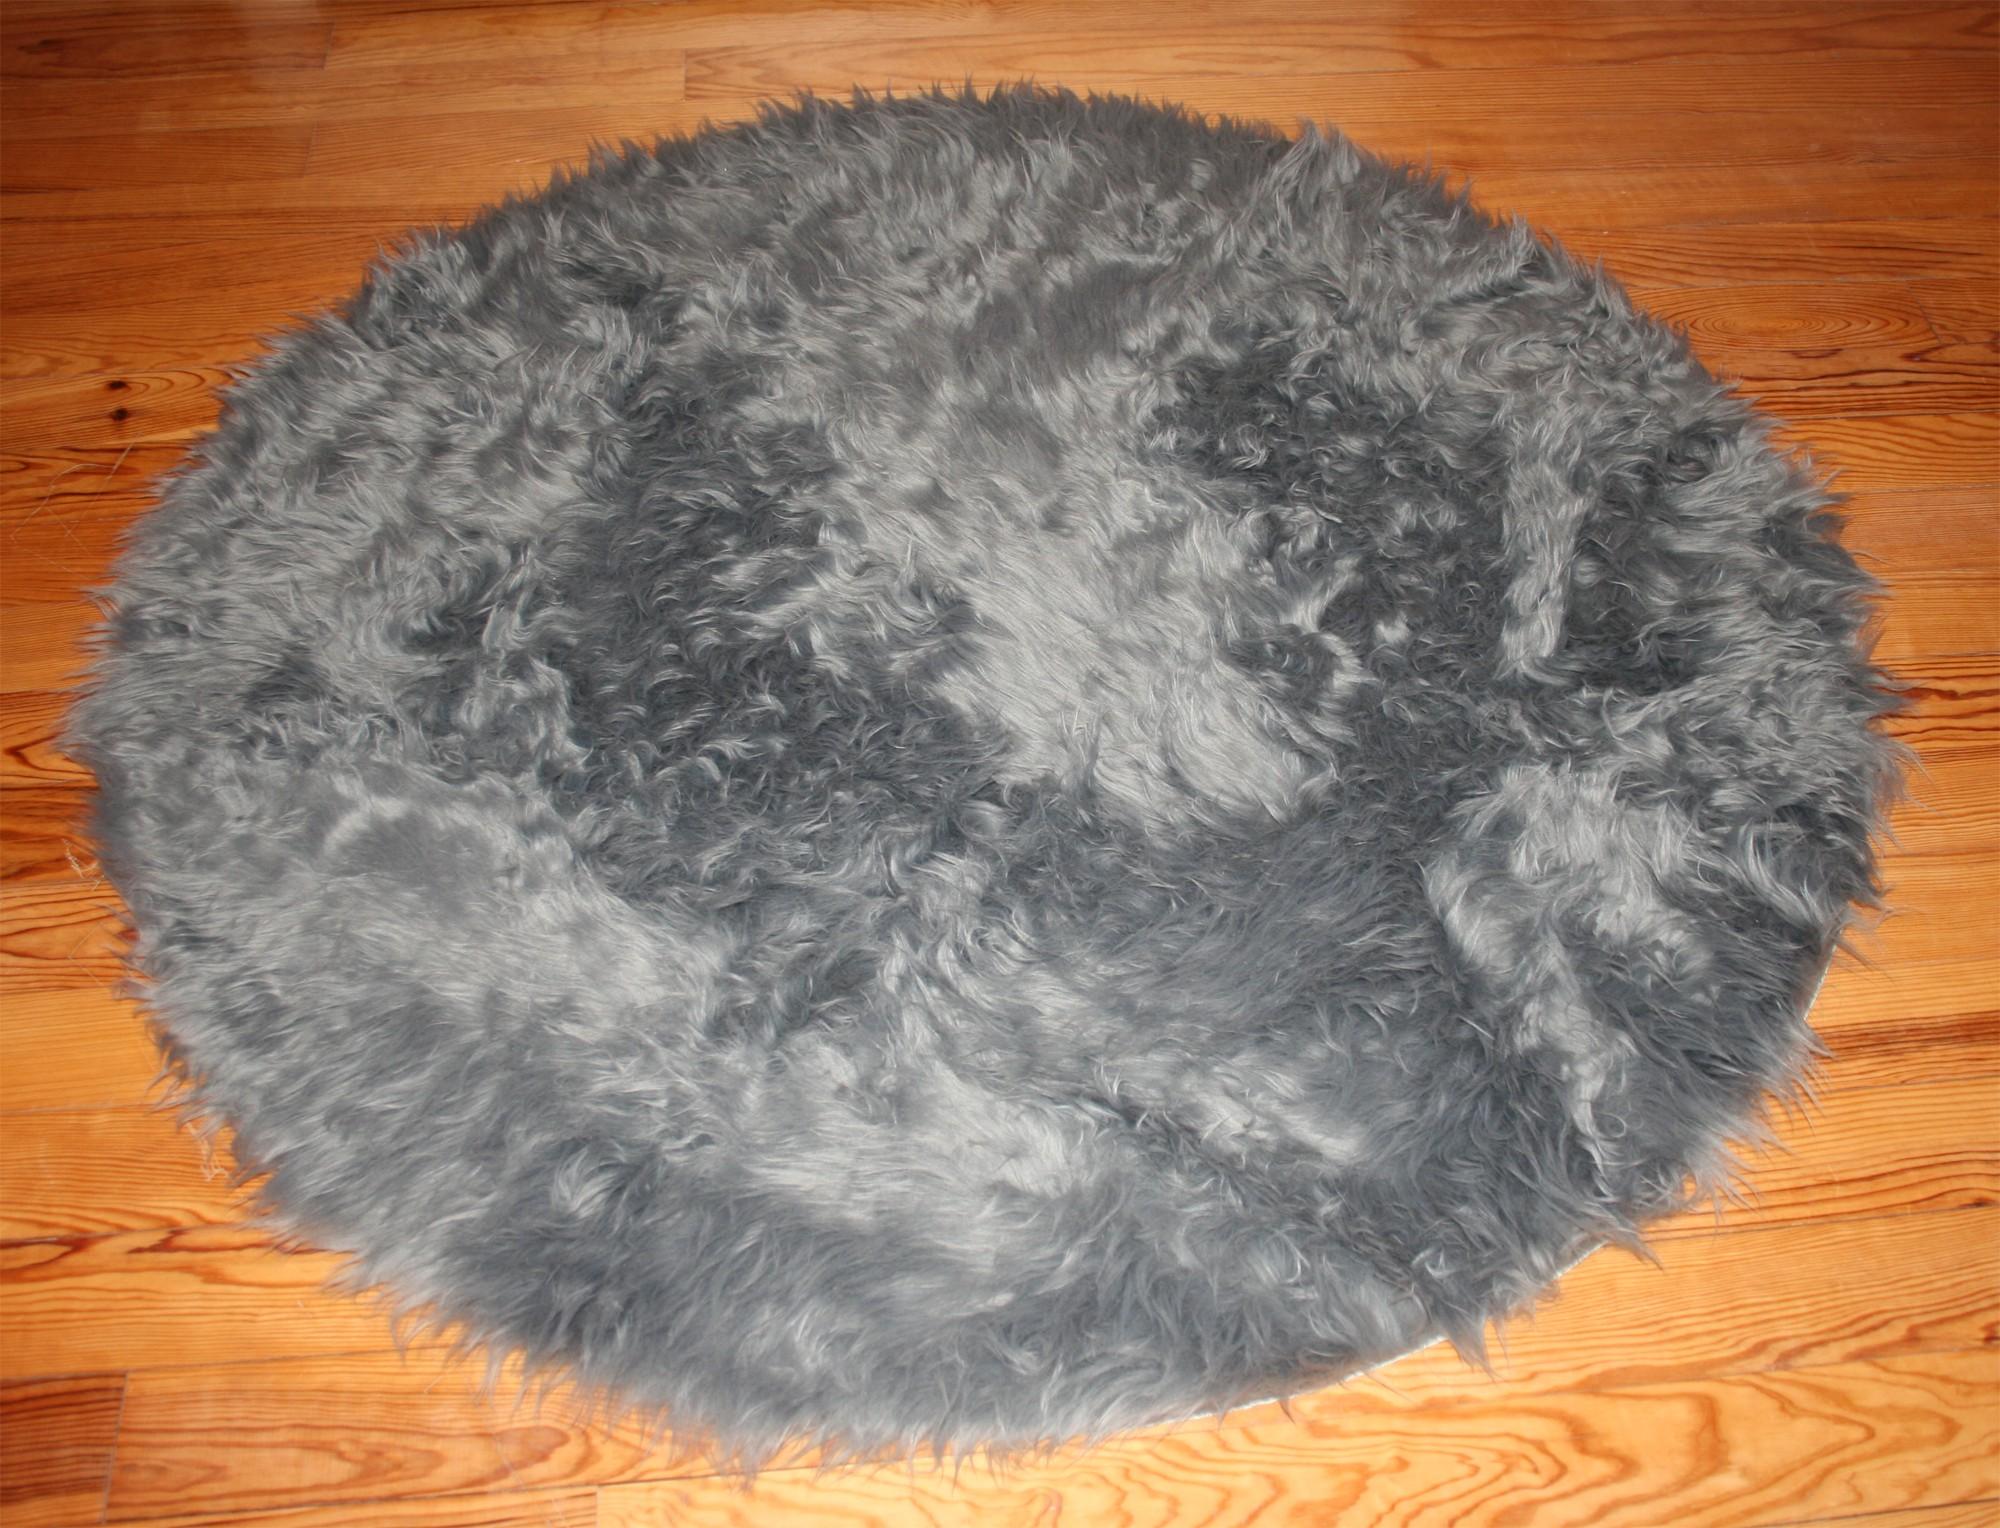 Tapis rond en peau de mouton synth tique gris - Tapis peau de mouton synthetique ...